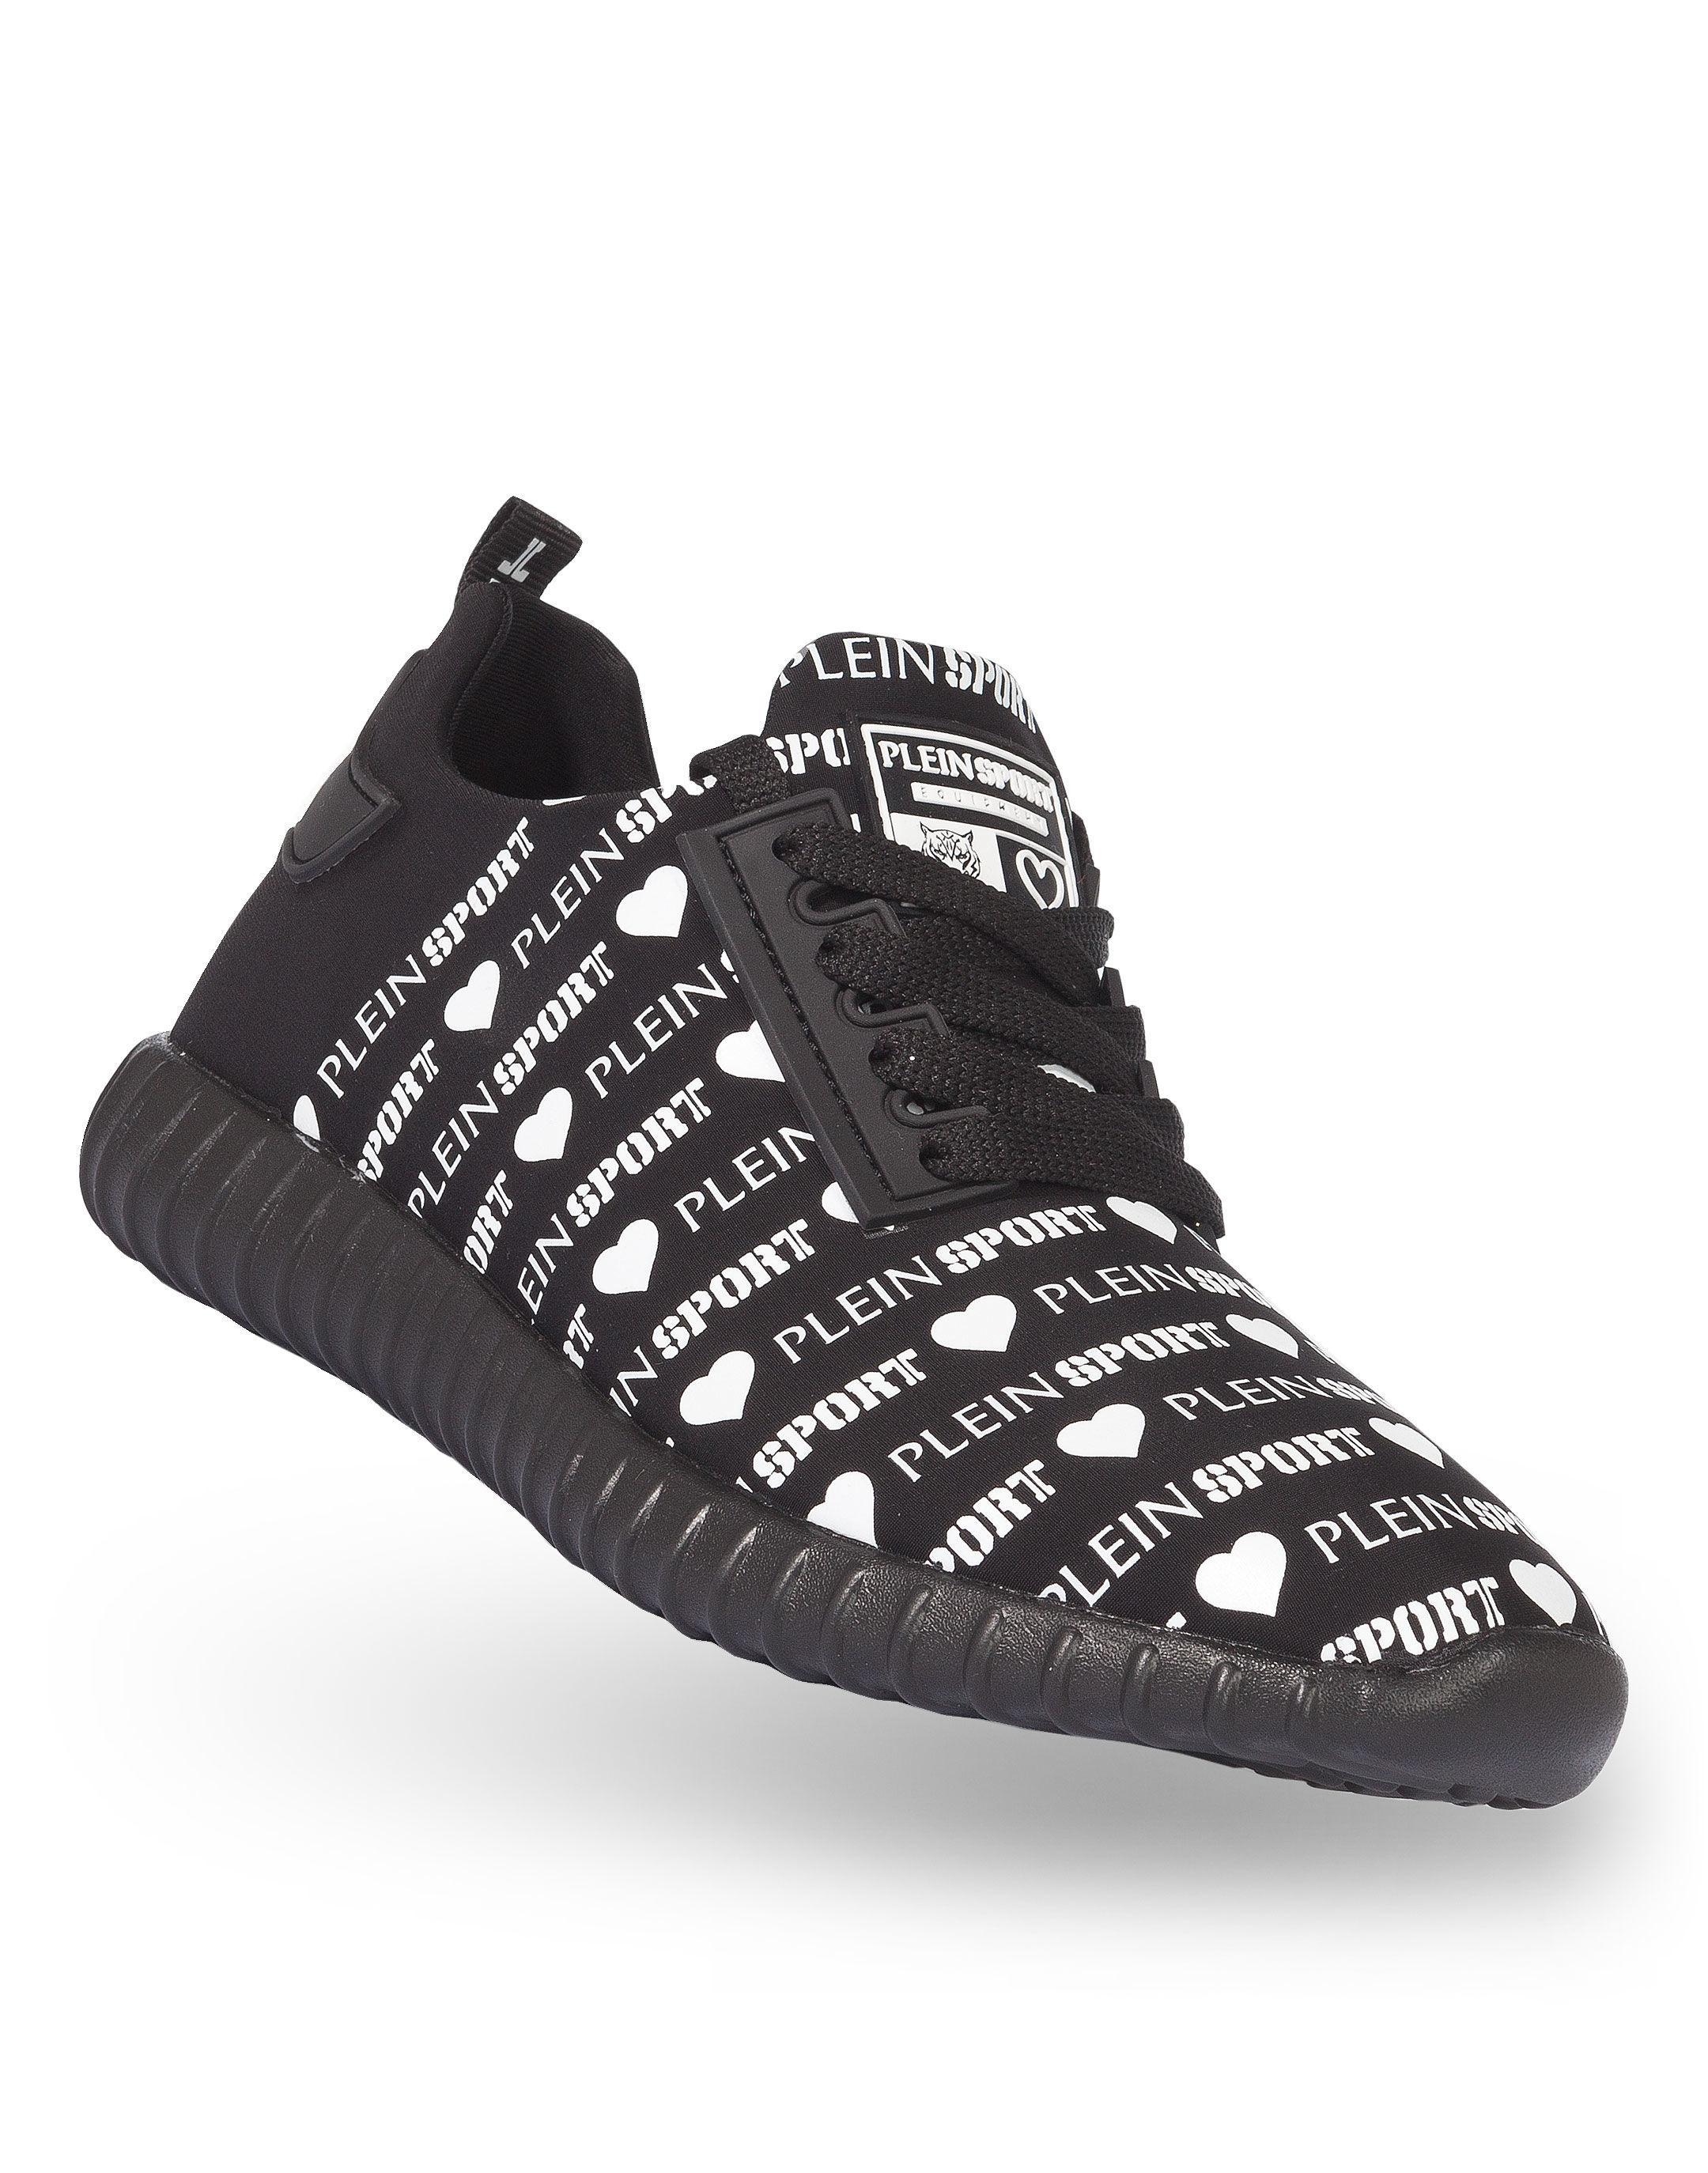 Coureur Cindy - Chaussures - Bas-tops Et Chaussures De Sport Le Sport Plein iar0sb